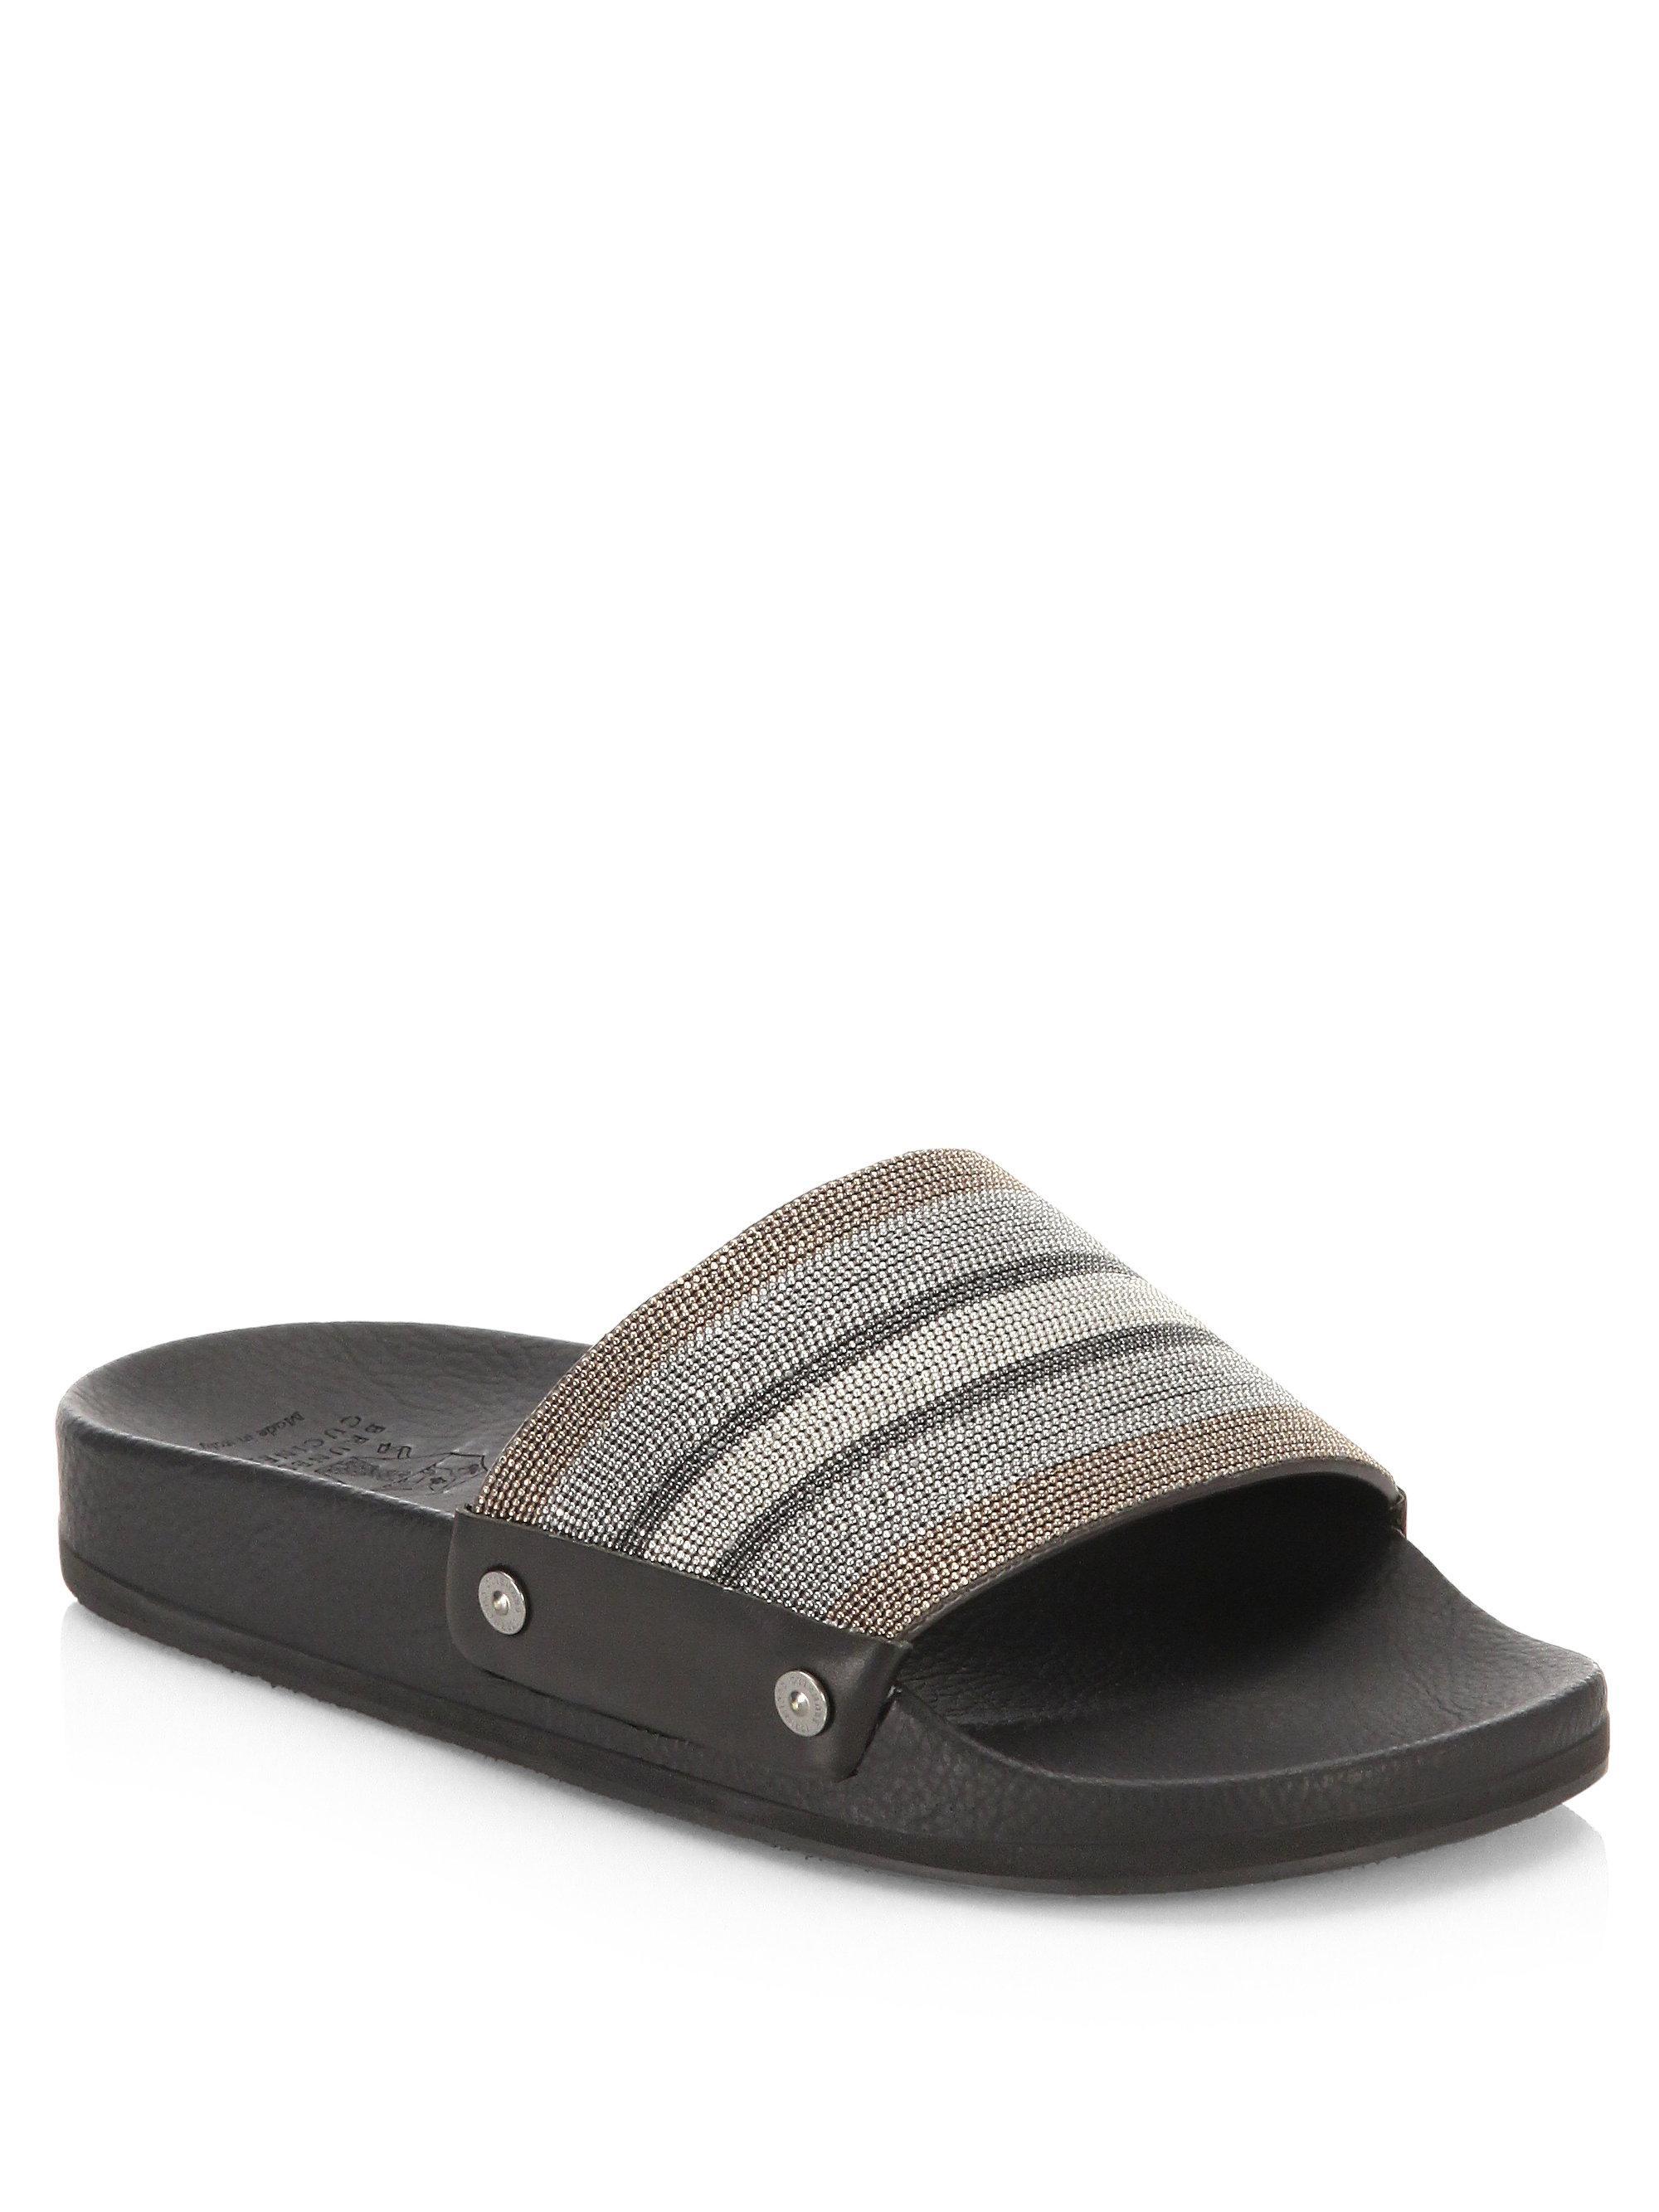 Brunello Cucinelli Embellished Leather Flip-Flops cCdOr